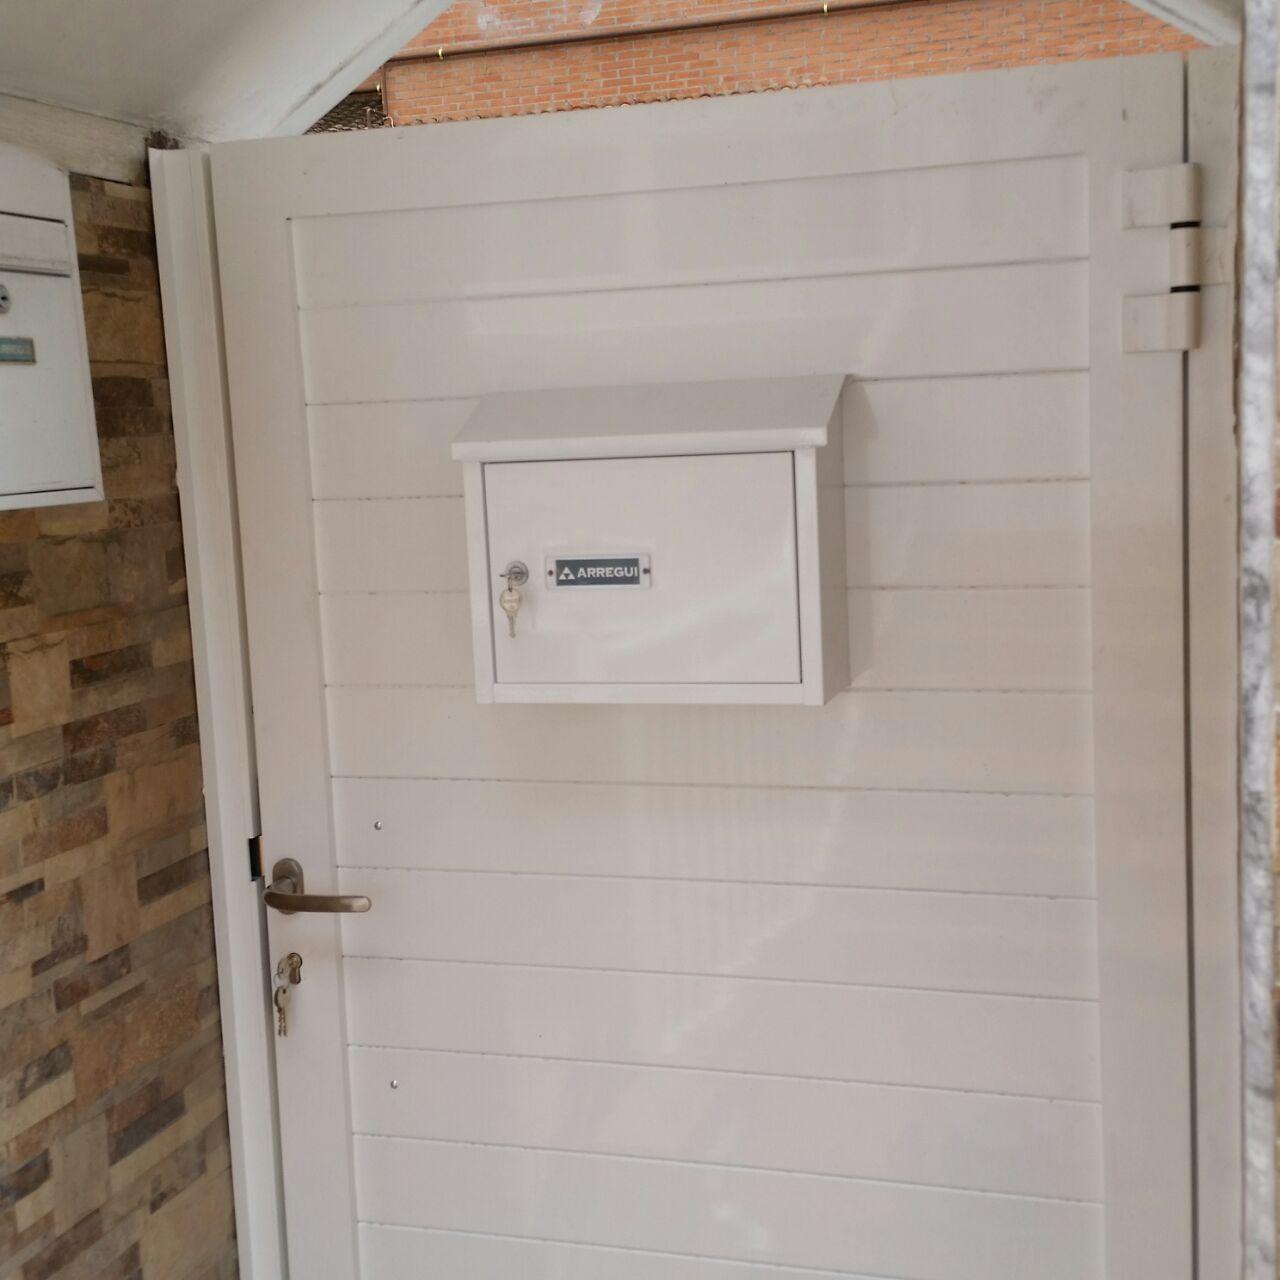 Puertas marver cancelas de aluminio soldado y puertas for Sofa exterior aluminio blanco